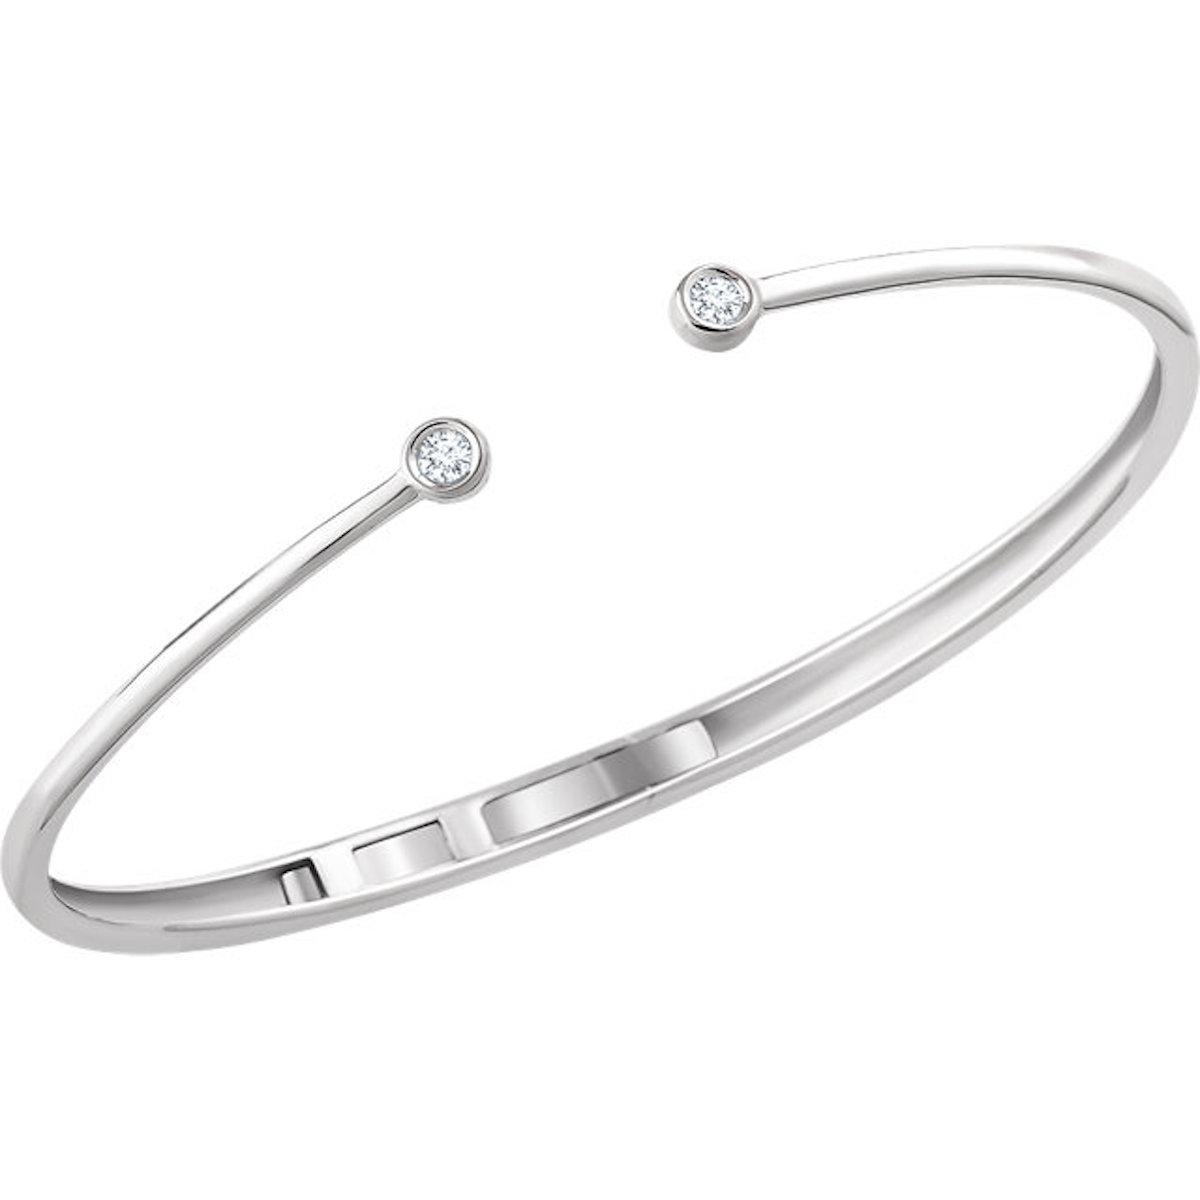 Major Diamond Cuff Bracelet